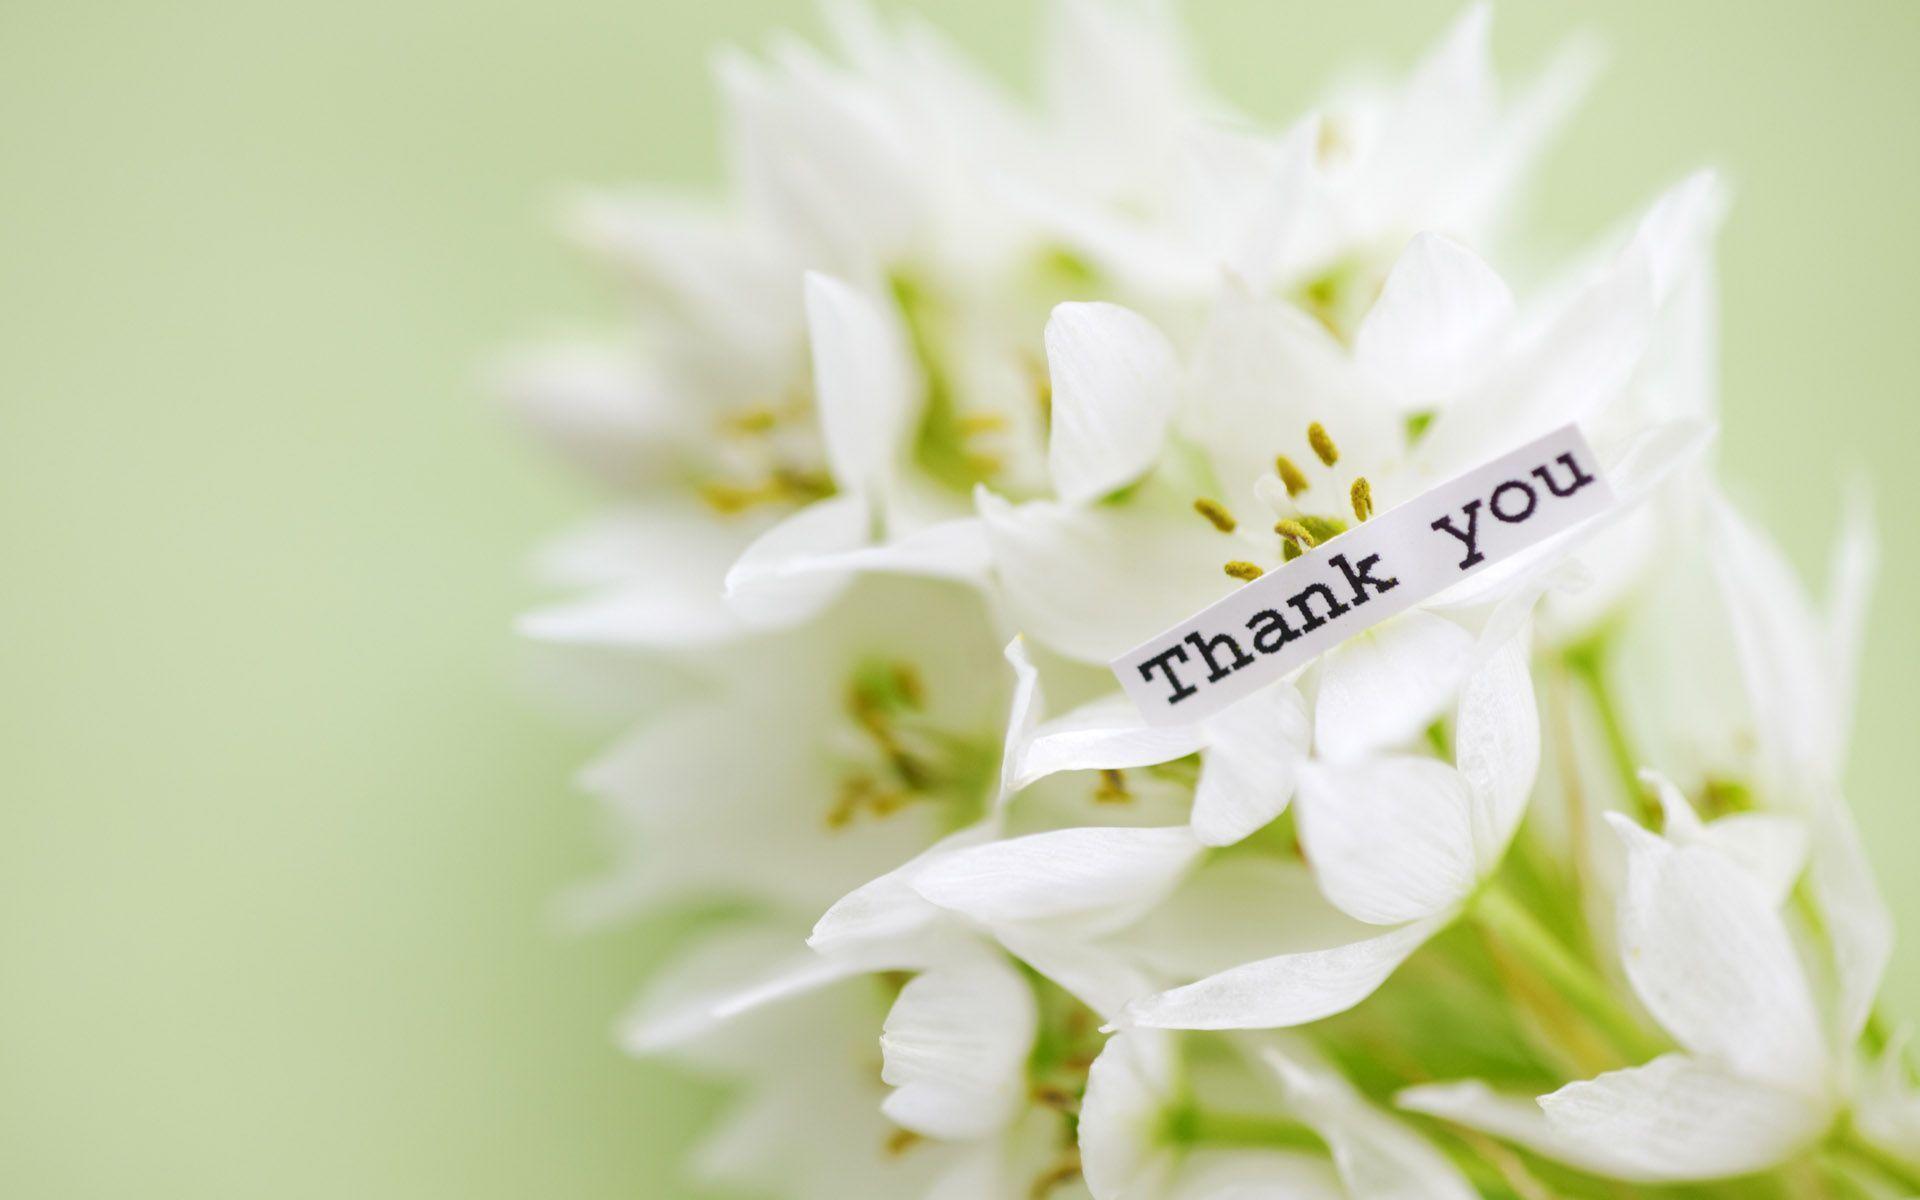 hinh nen thank you 10